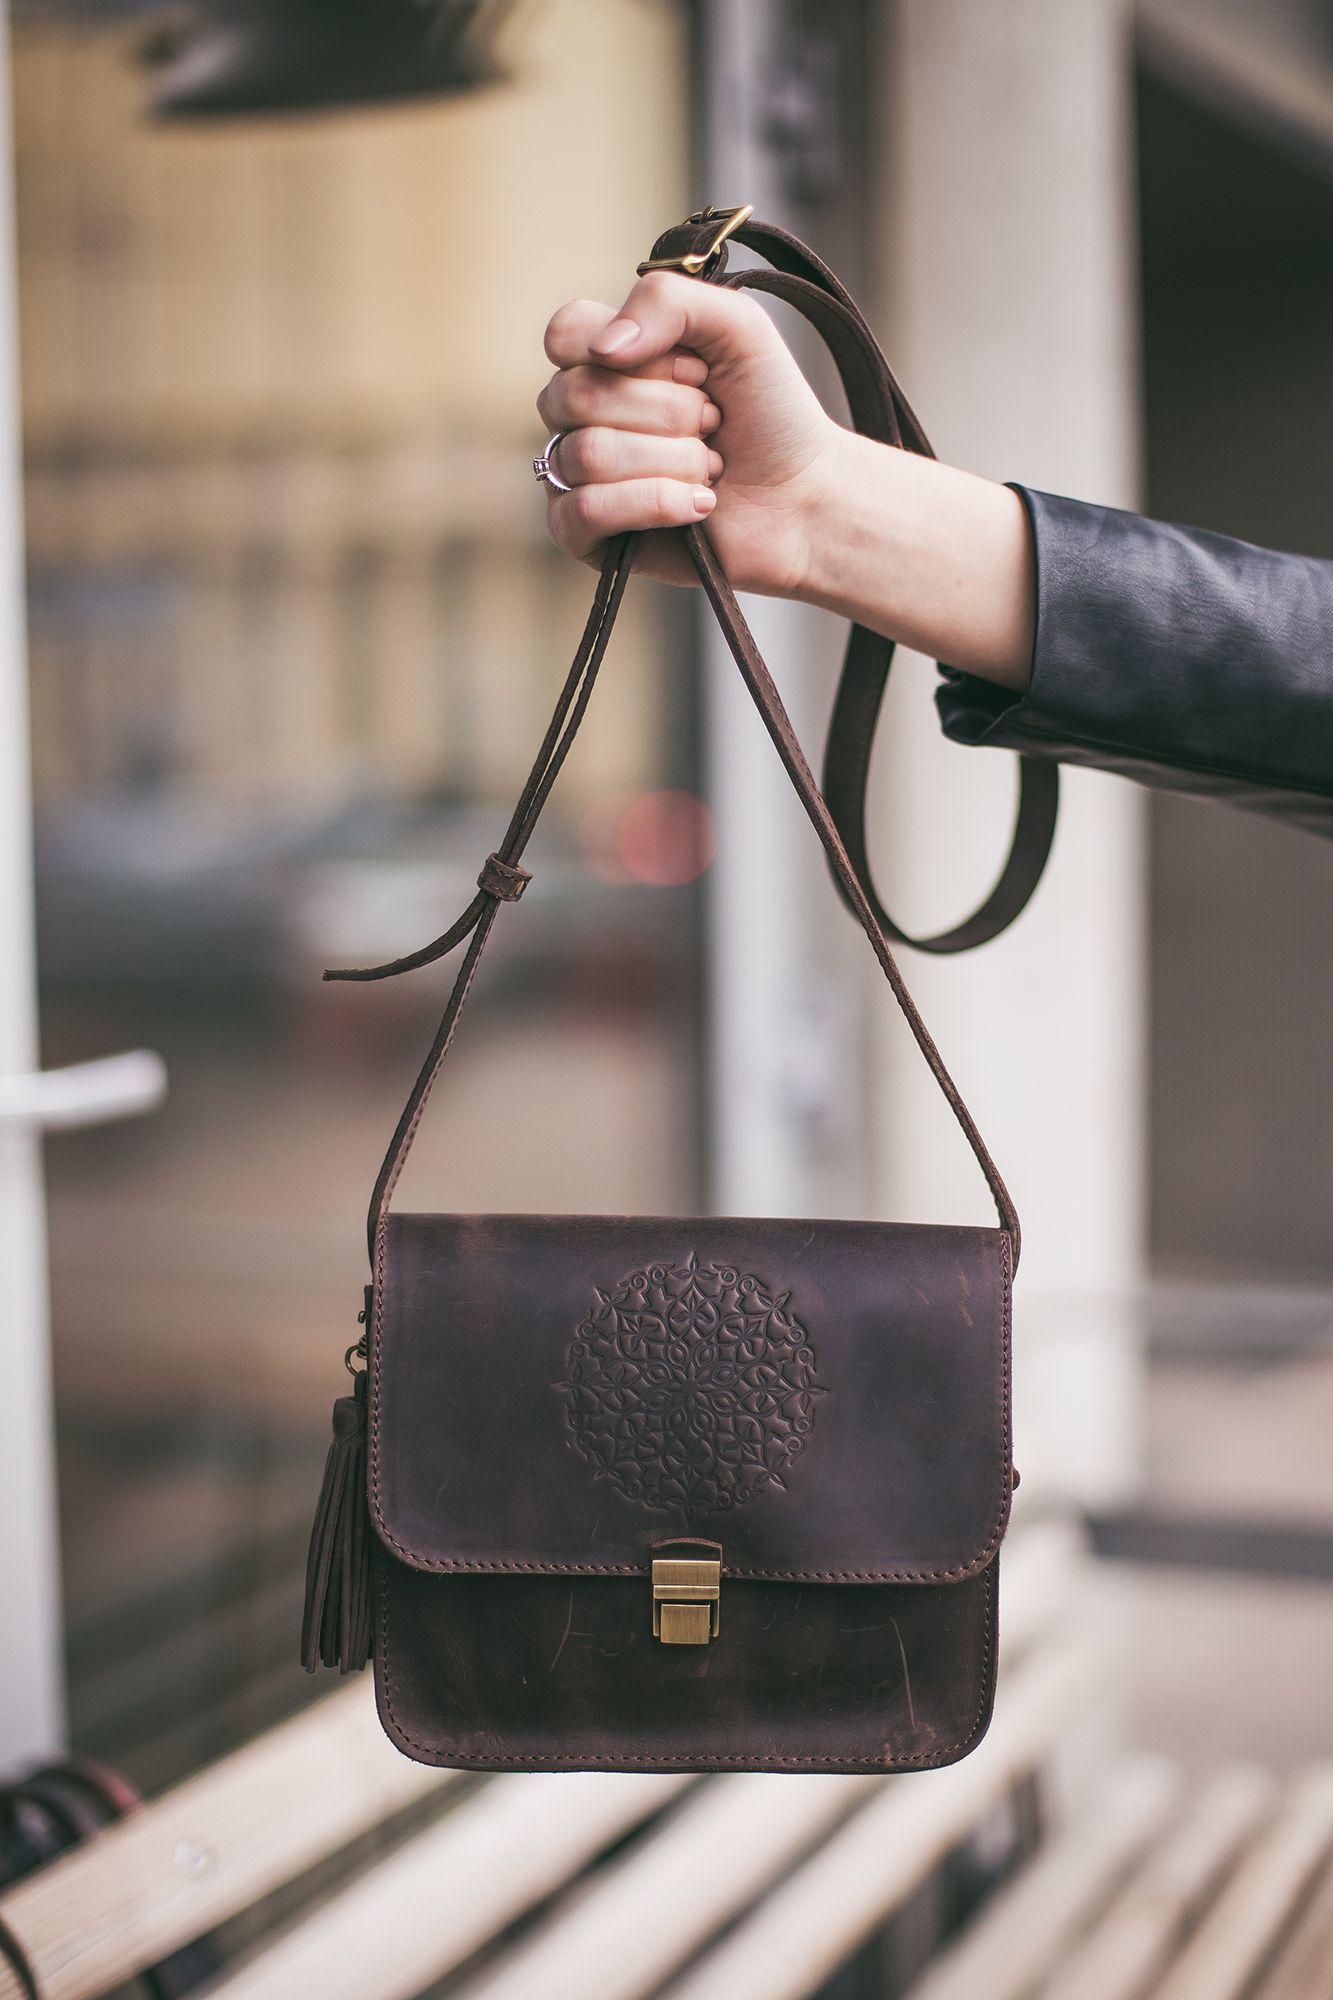 Бохо-сумка Лилу орех Фото 6